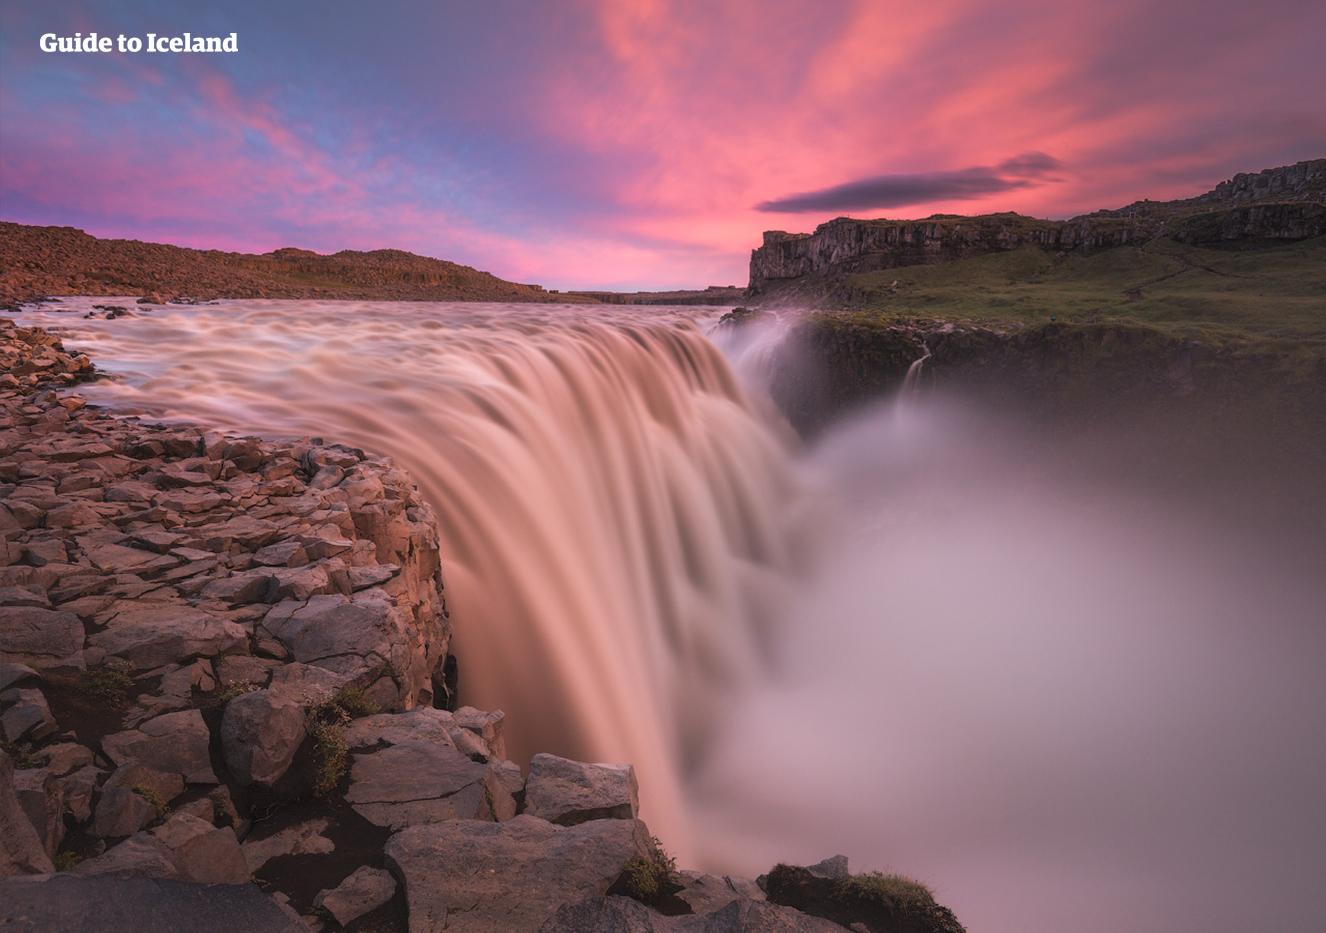 Vid vattenfallet Dettifoss ser du en blandning av råkraft och ren skönhet.